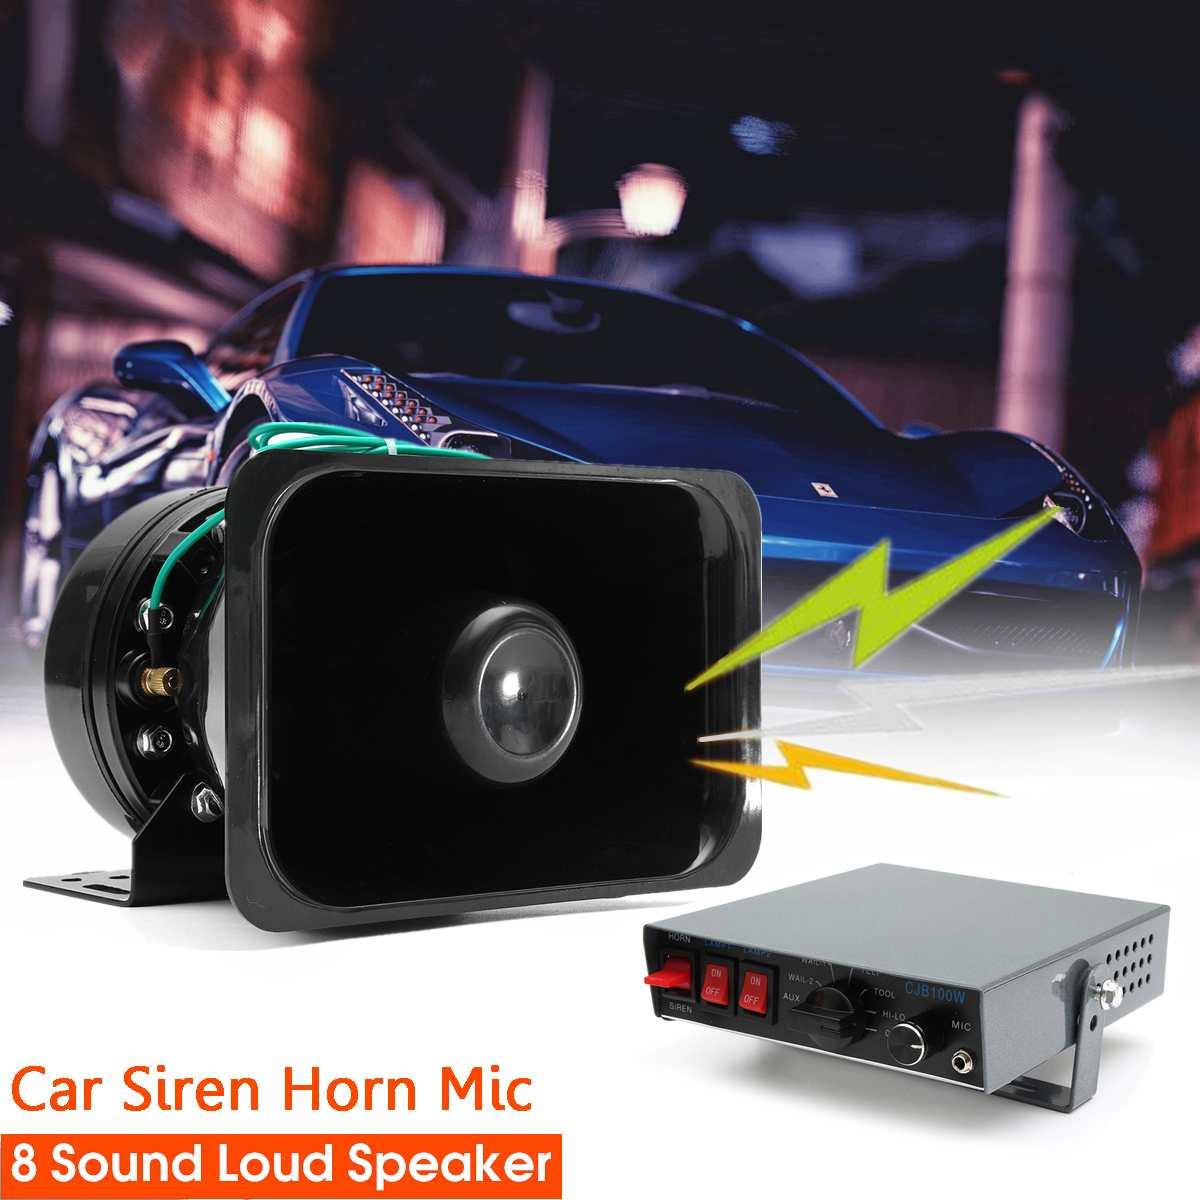 12 V 100 W Voiture Alarme D'avertissement pour Sirène Corne PA Haut-Parleur MICRO Système 8 Réglage Audio Voiture Sirène Cornes